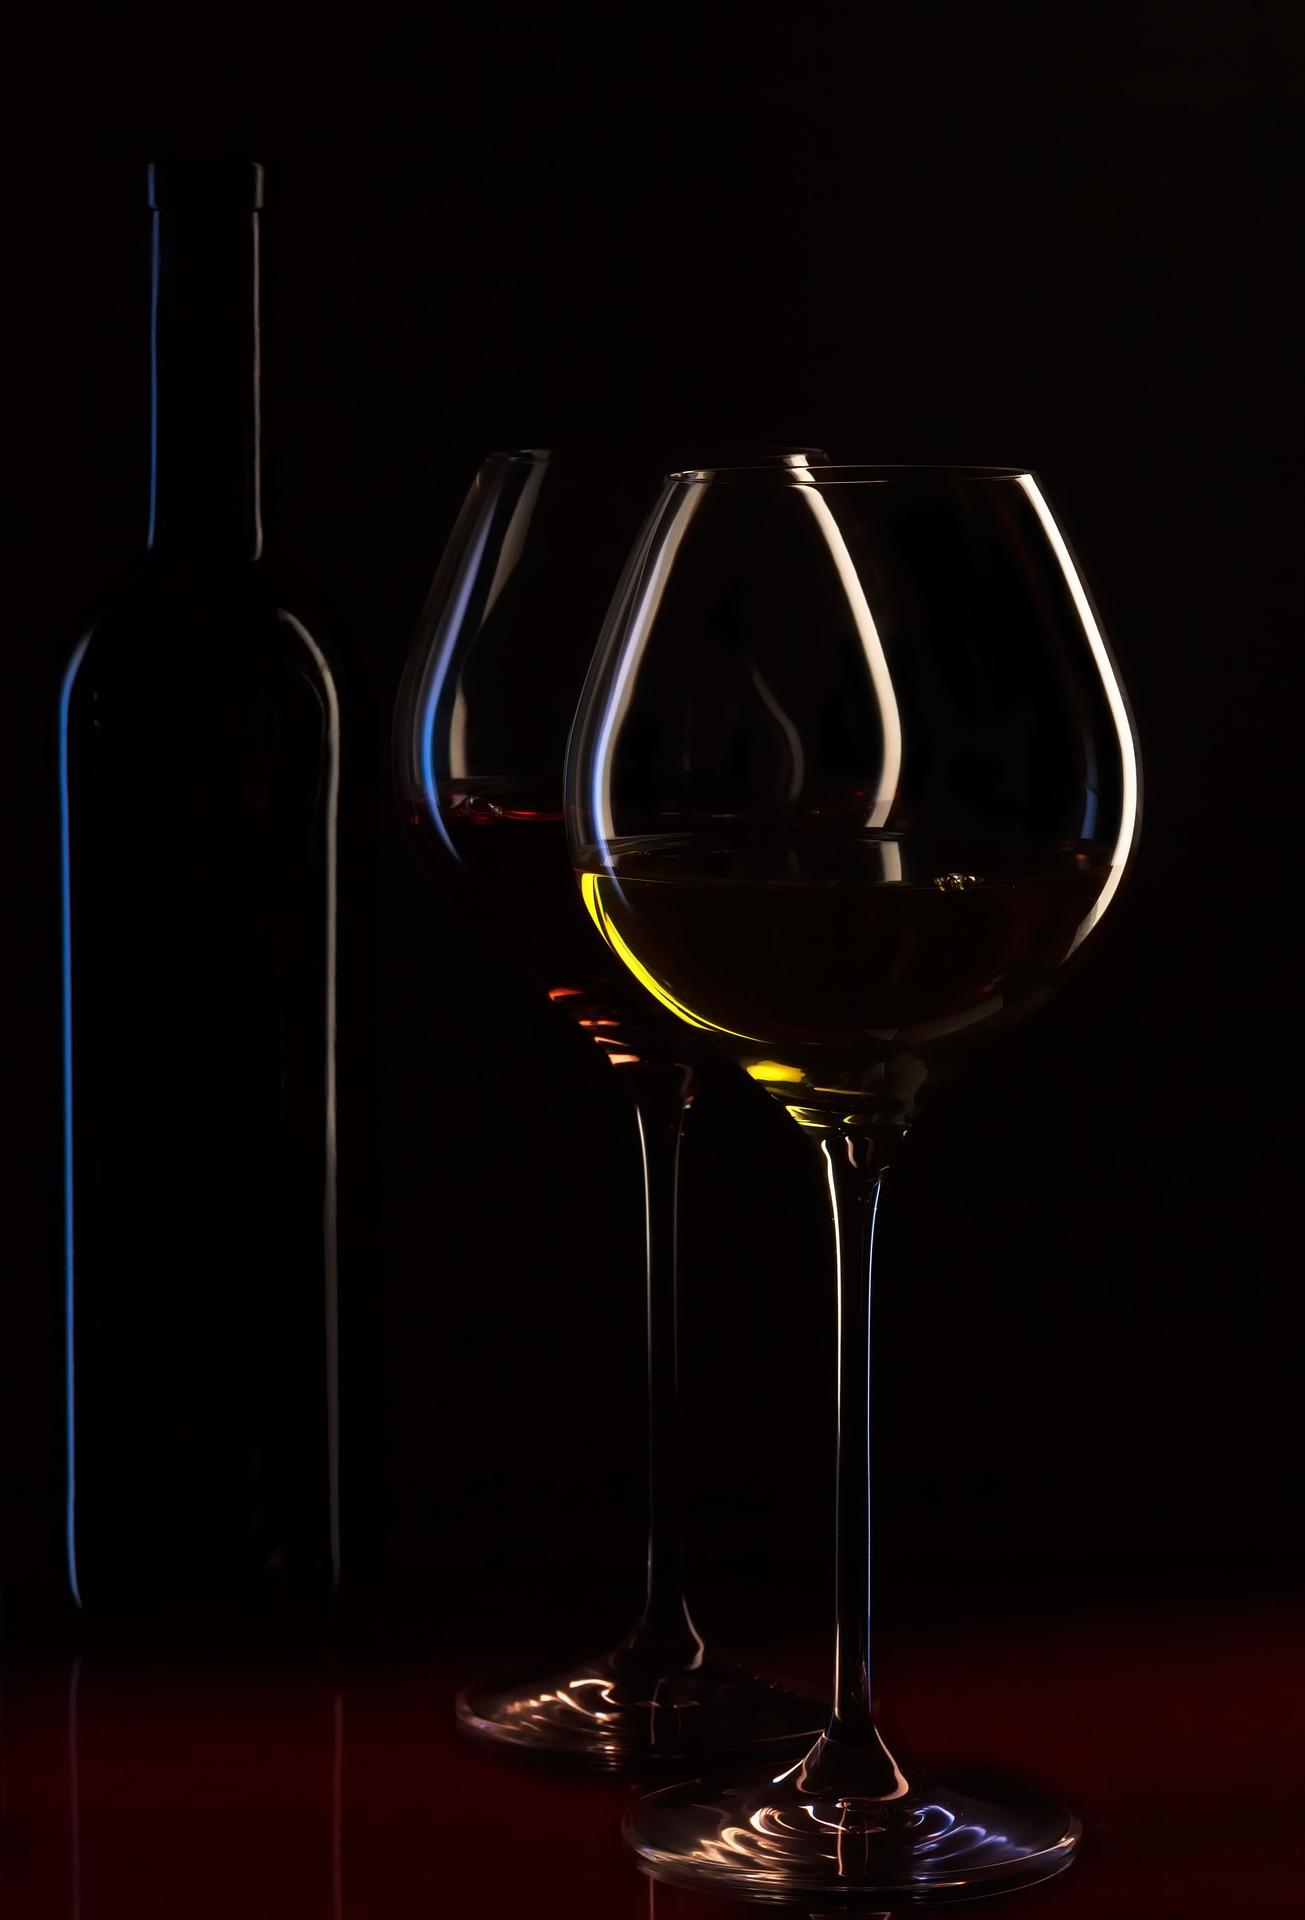 800RecoveryHub wine